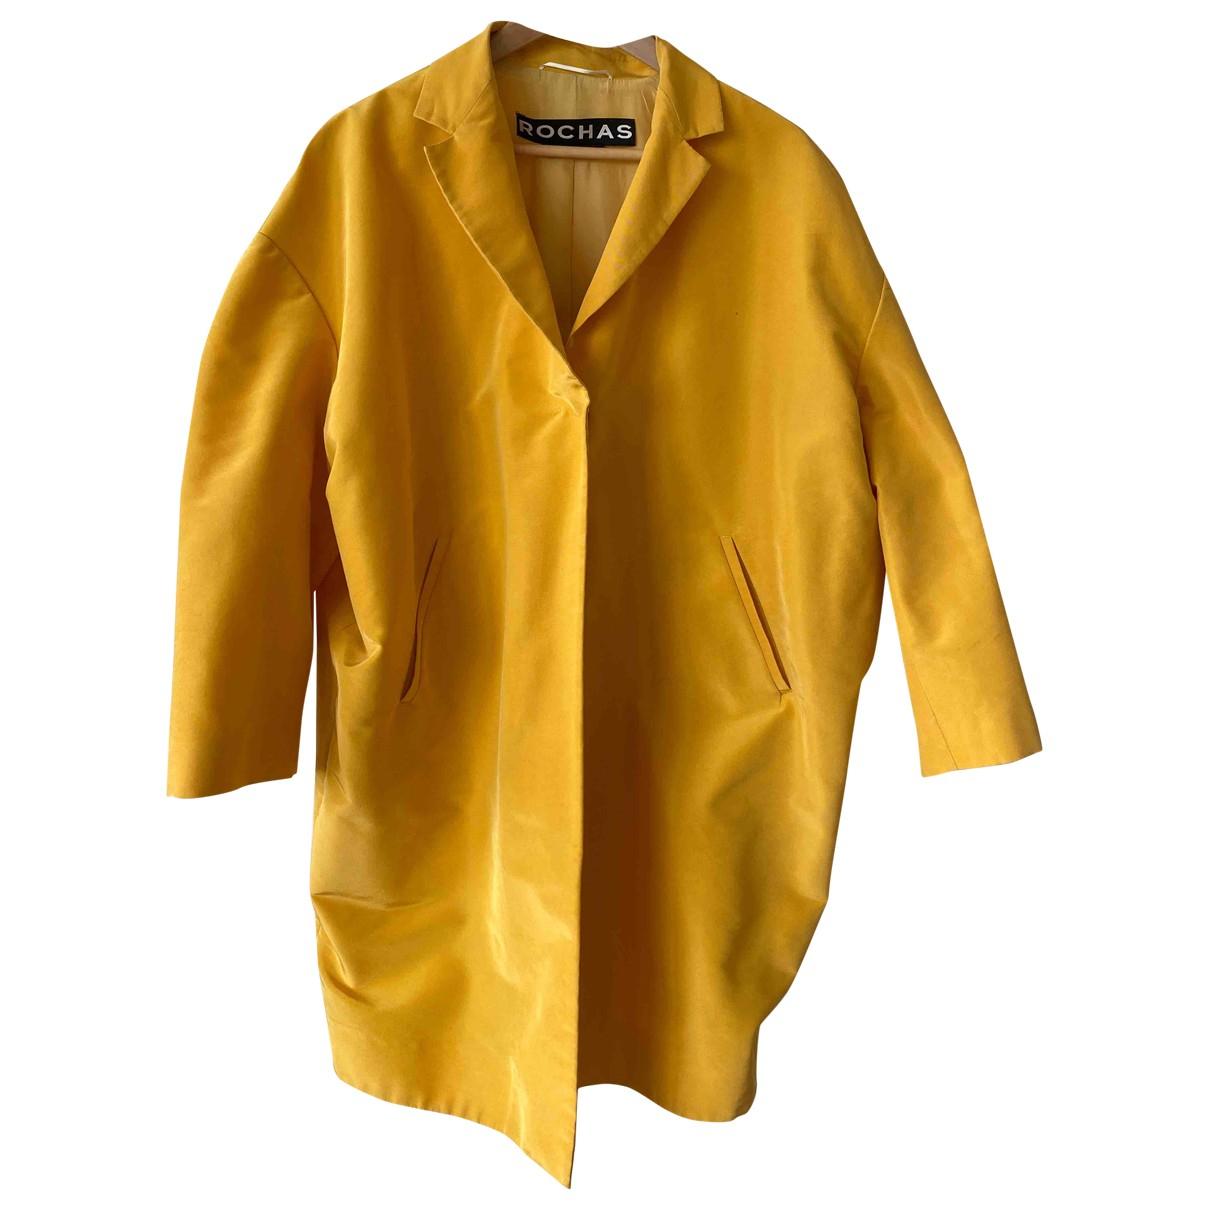 Rochas - Manteau   pour femme en soie - jaune